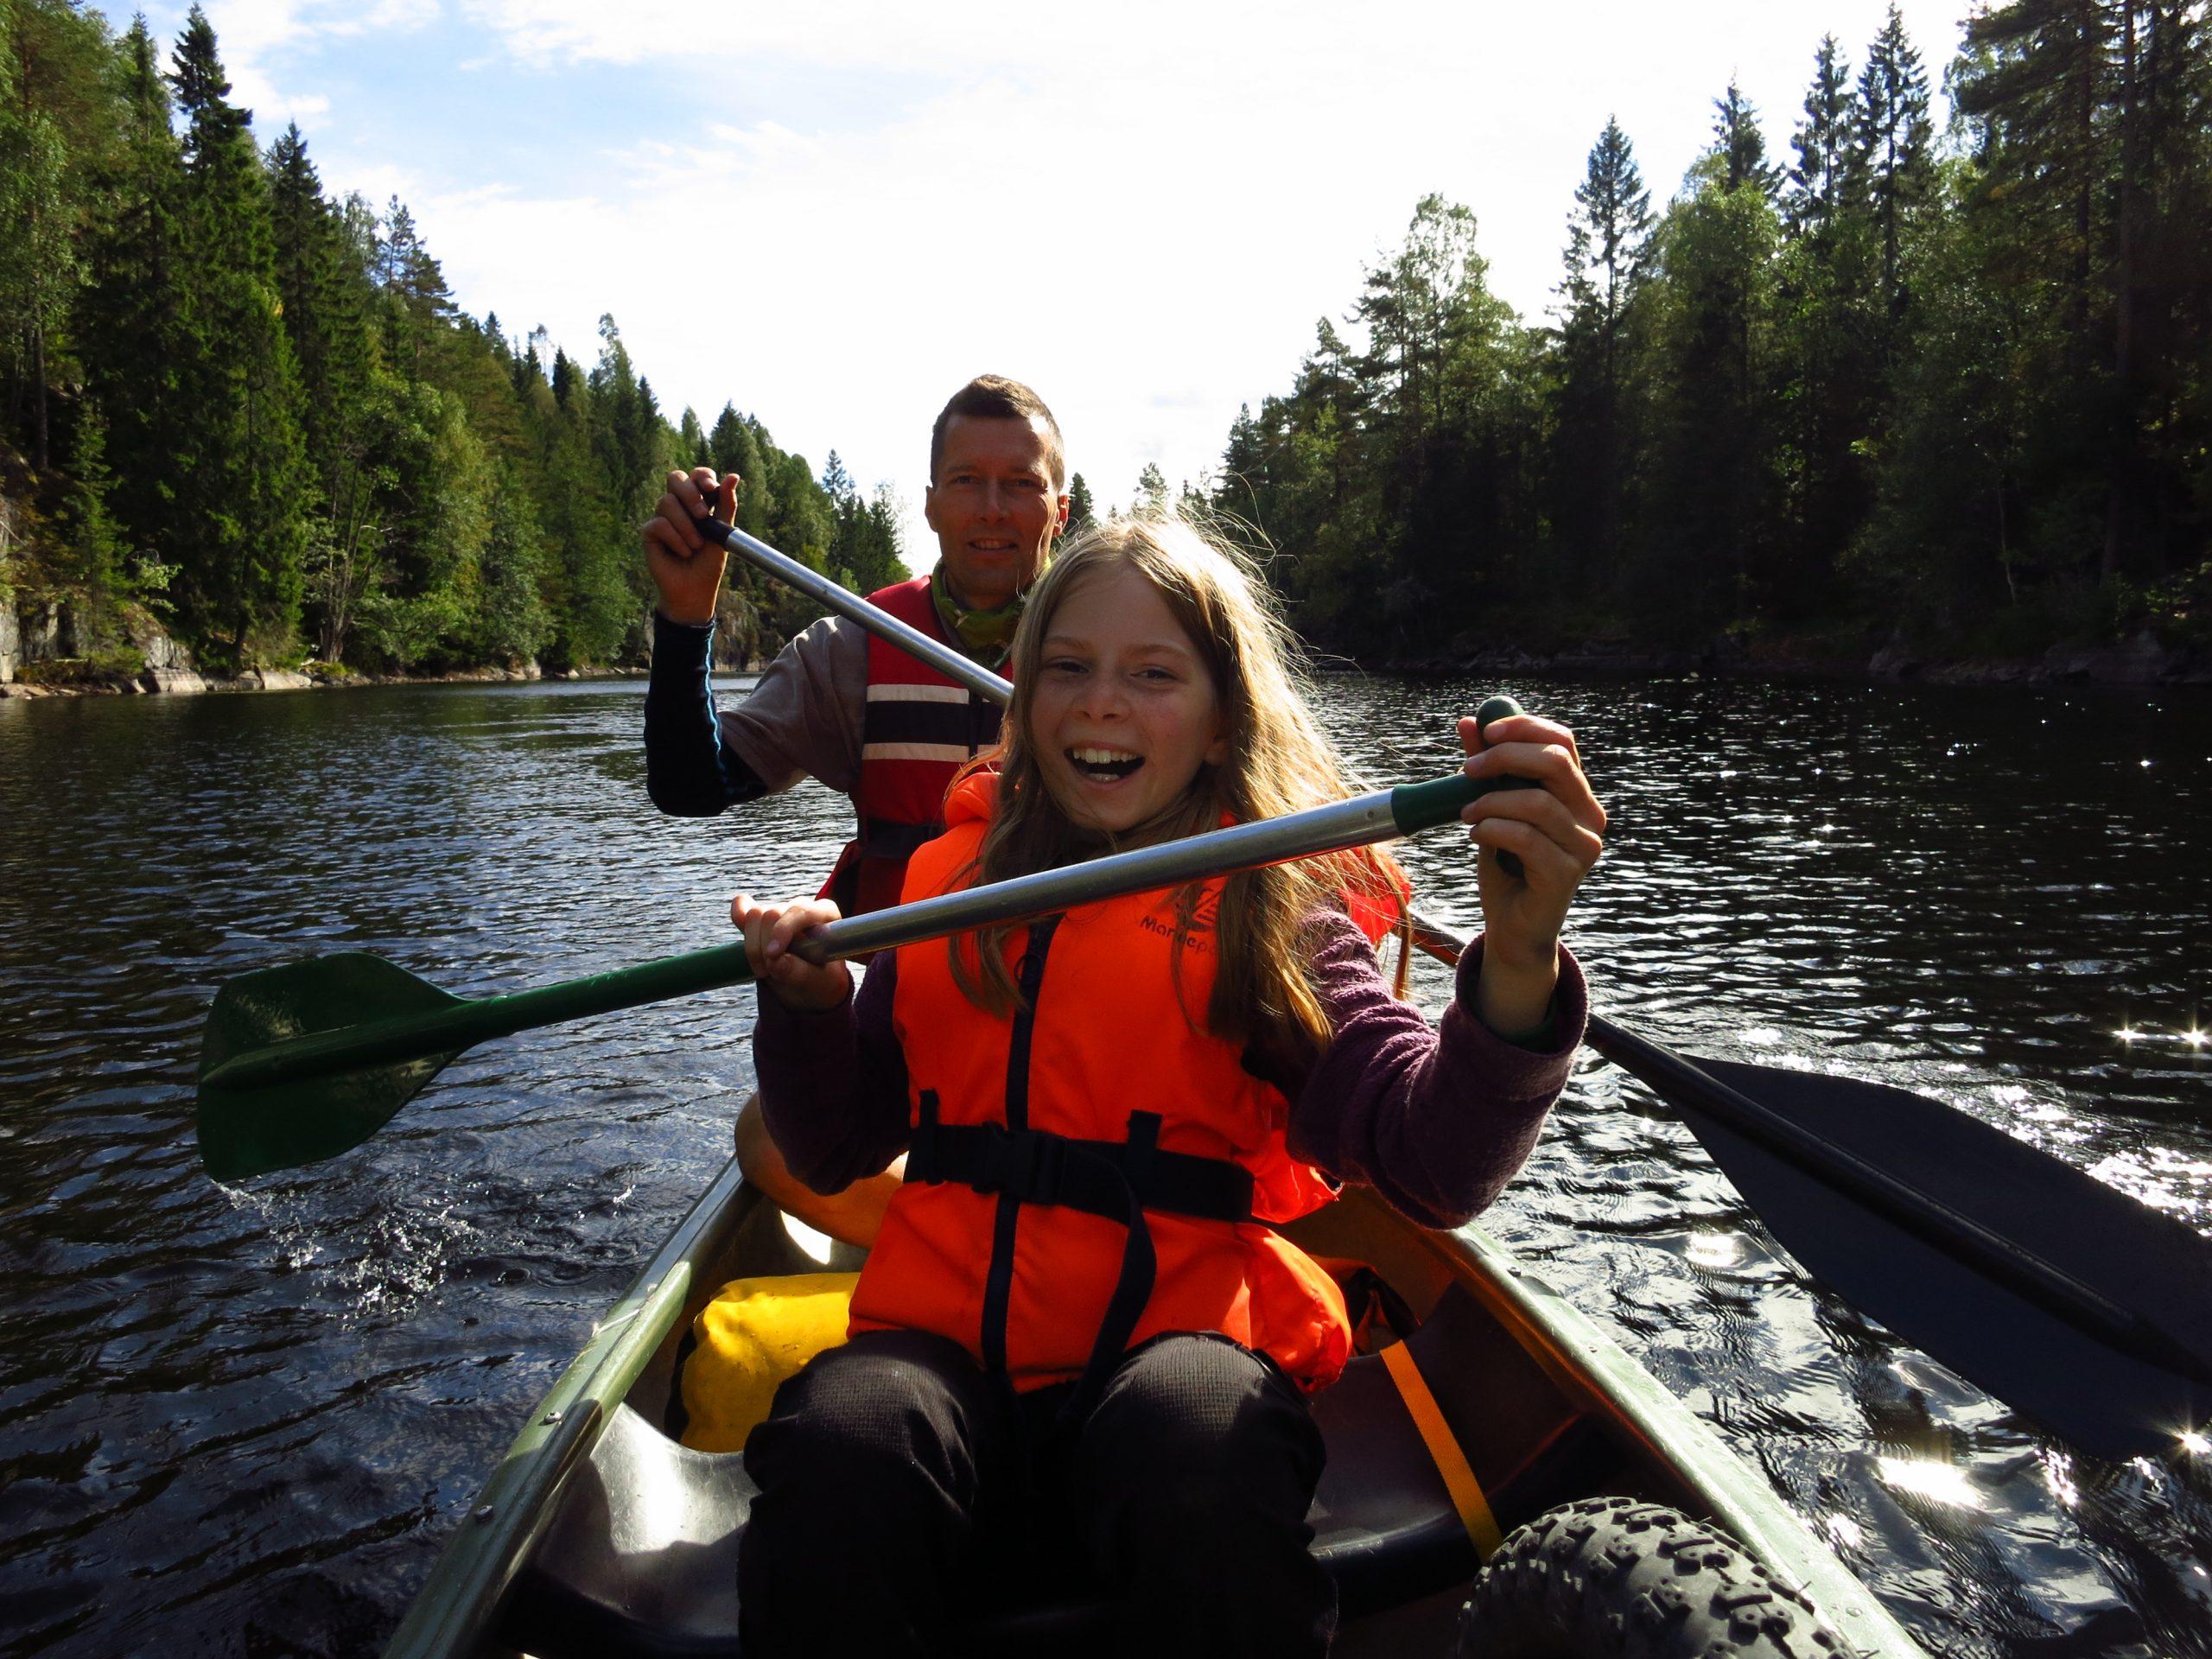 En flott familieaktivitet - liten båt+vann+åre = moro!